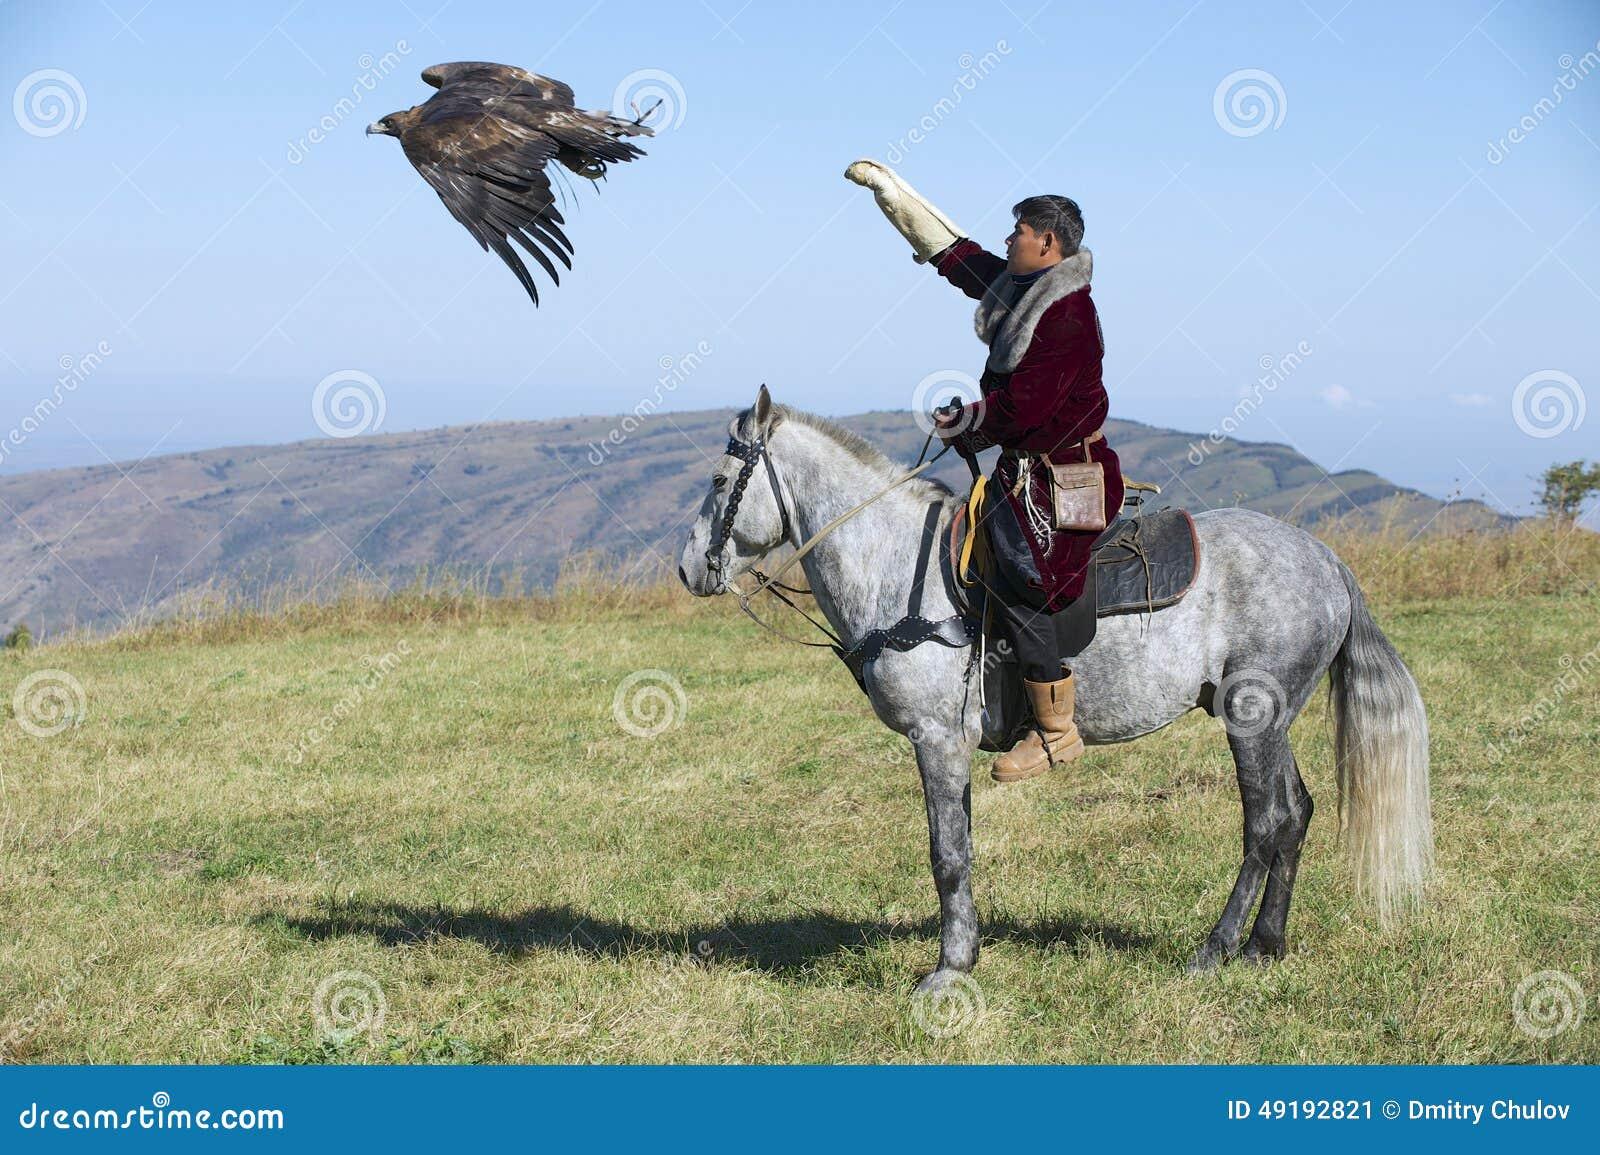 蒙古猎人发射鹫追求大约阿尔玛蒂图片